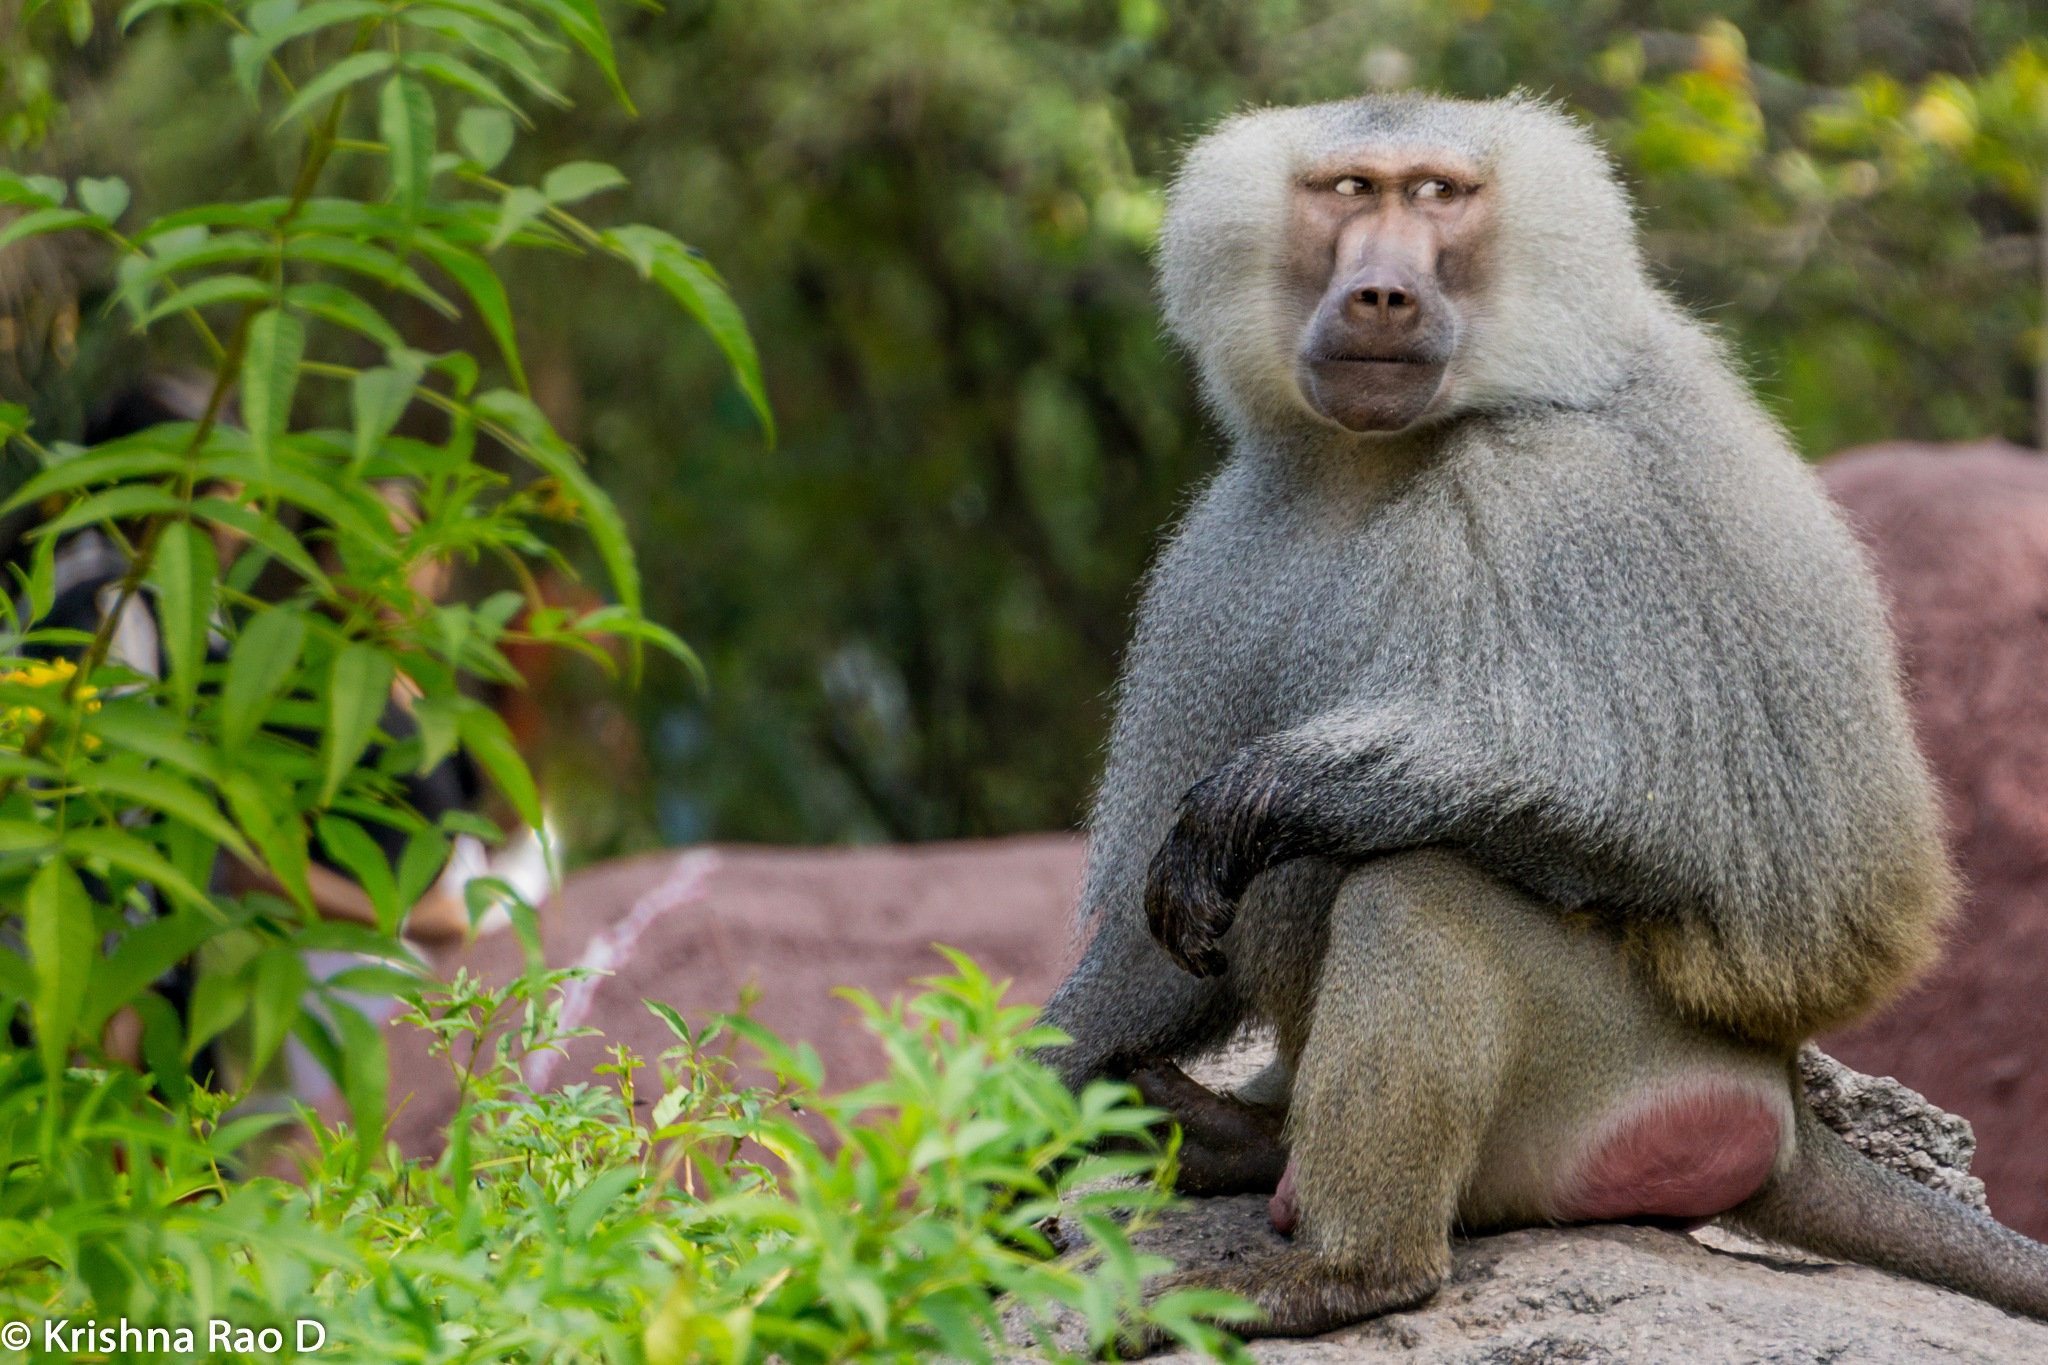 monkey by Krishna Rao D